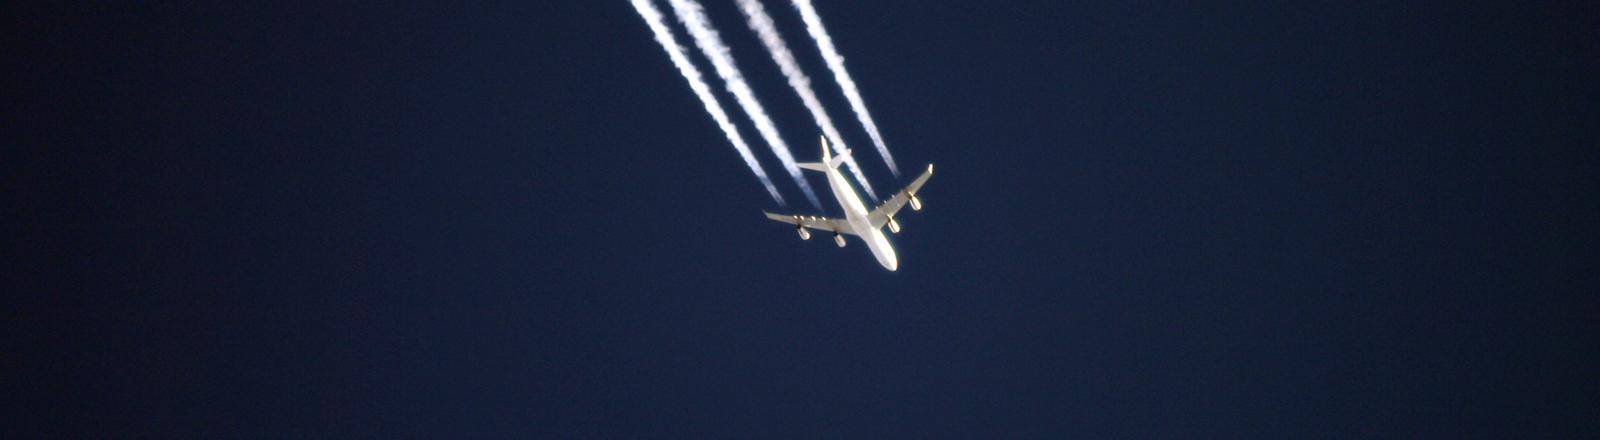 Flugzeug mit Kondenzstreifen am dunkelblauen Himmel